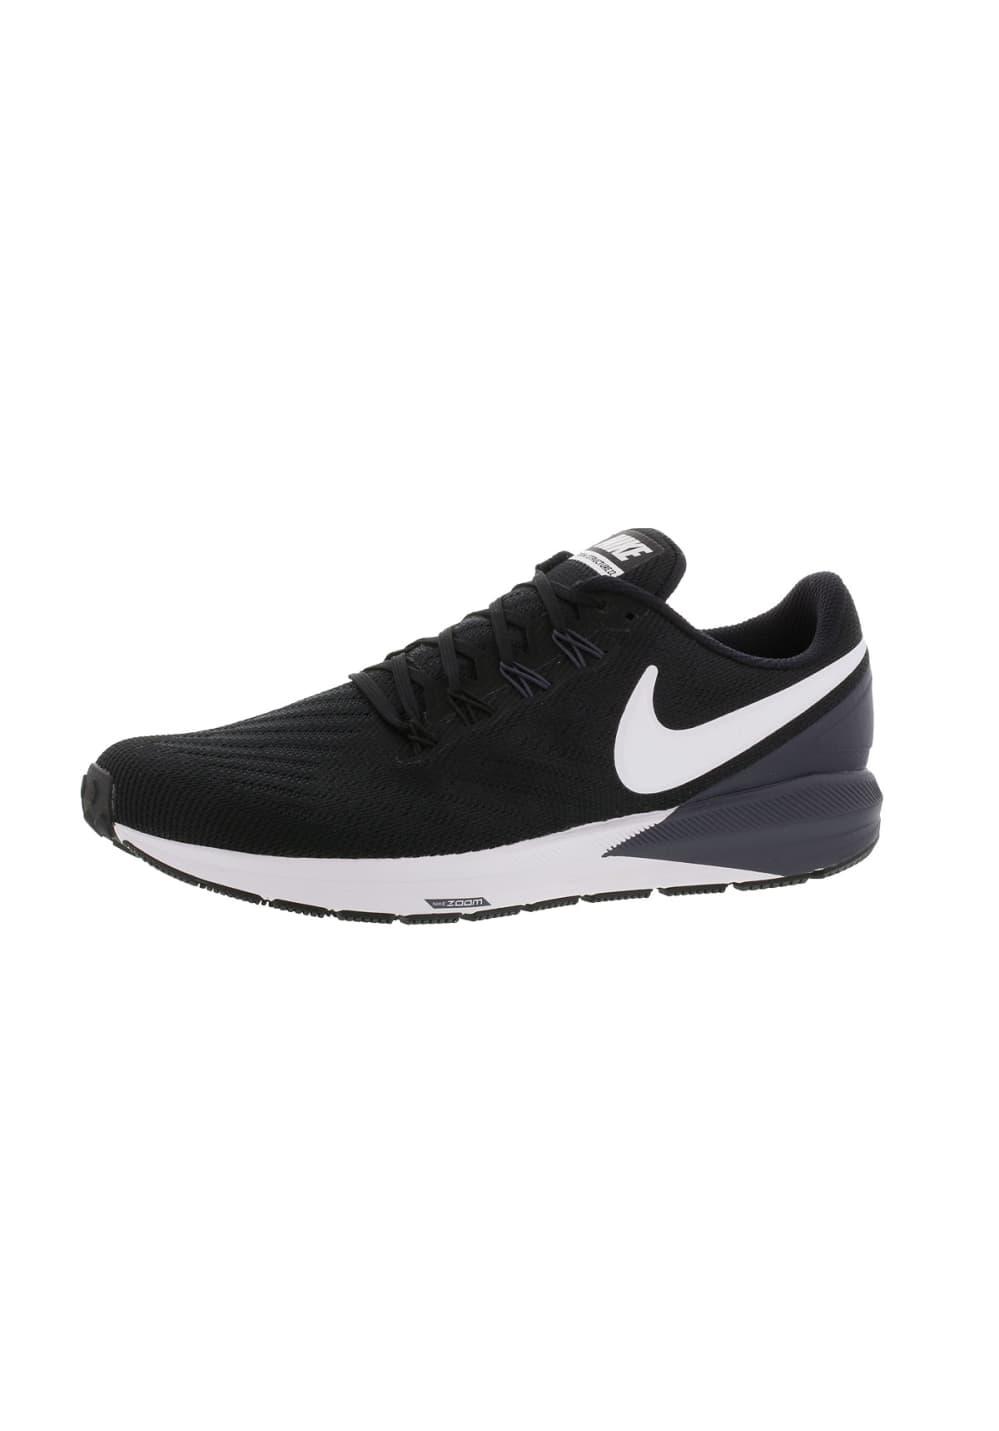 Nike Air Zoom Structure 22 - Laufschuhe für Damen - Schwarz